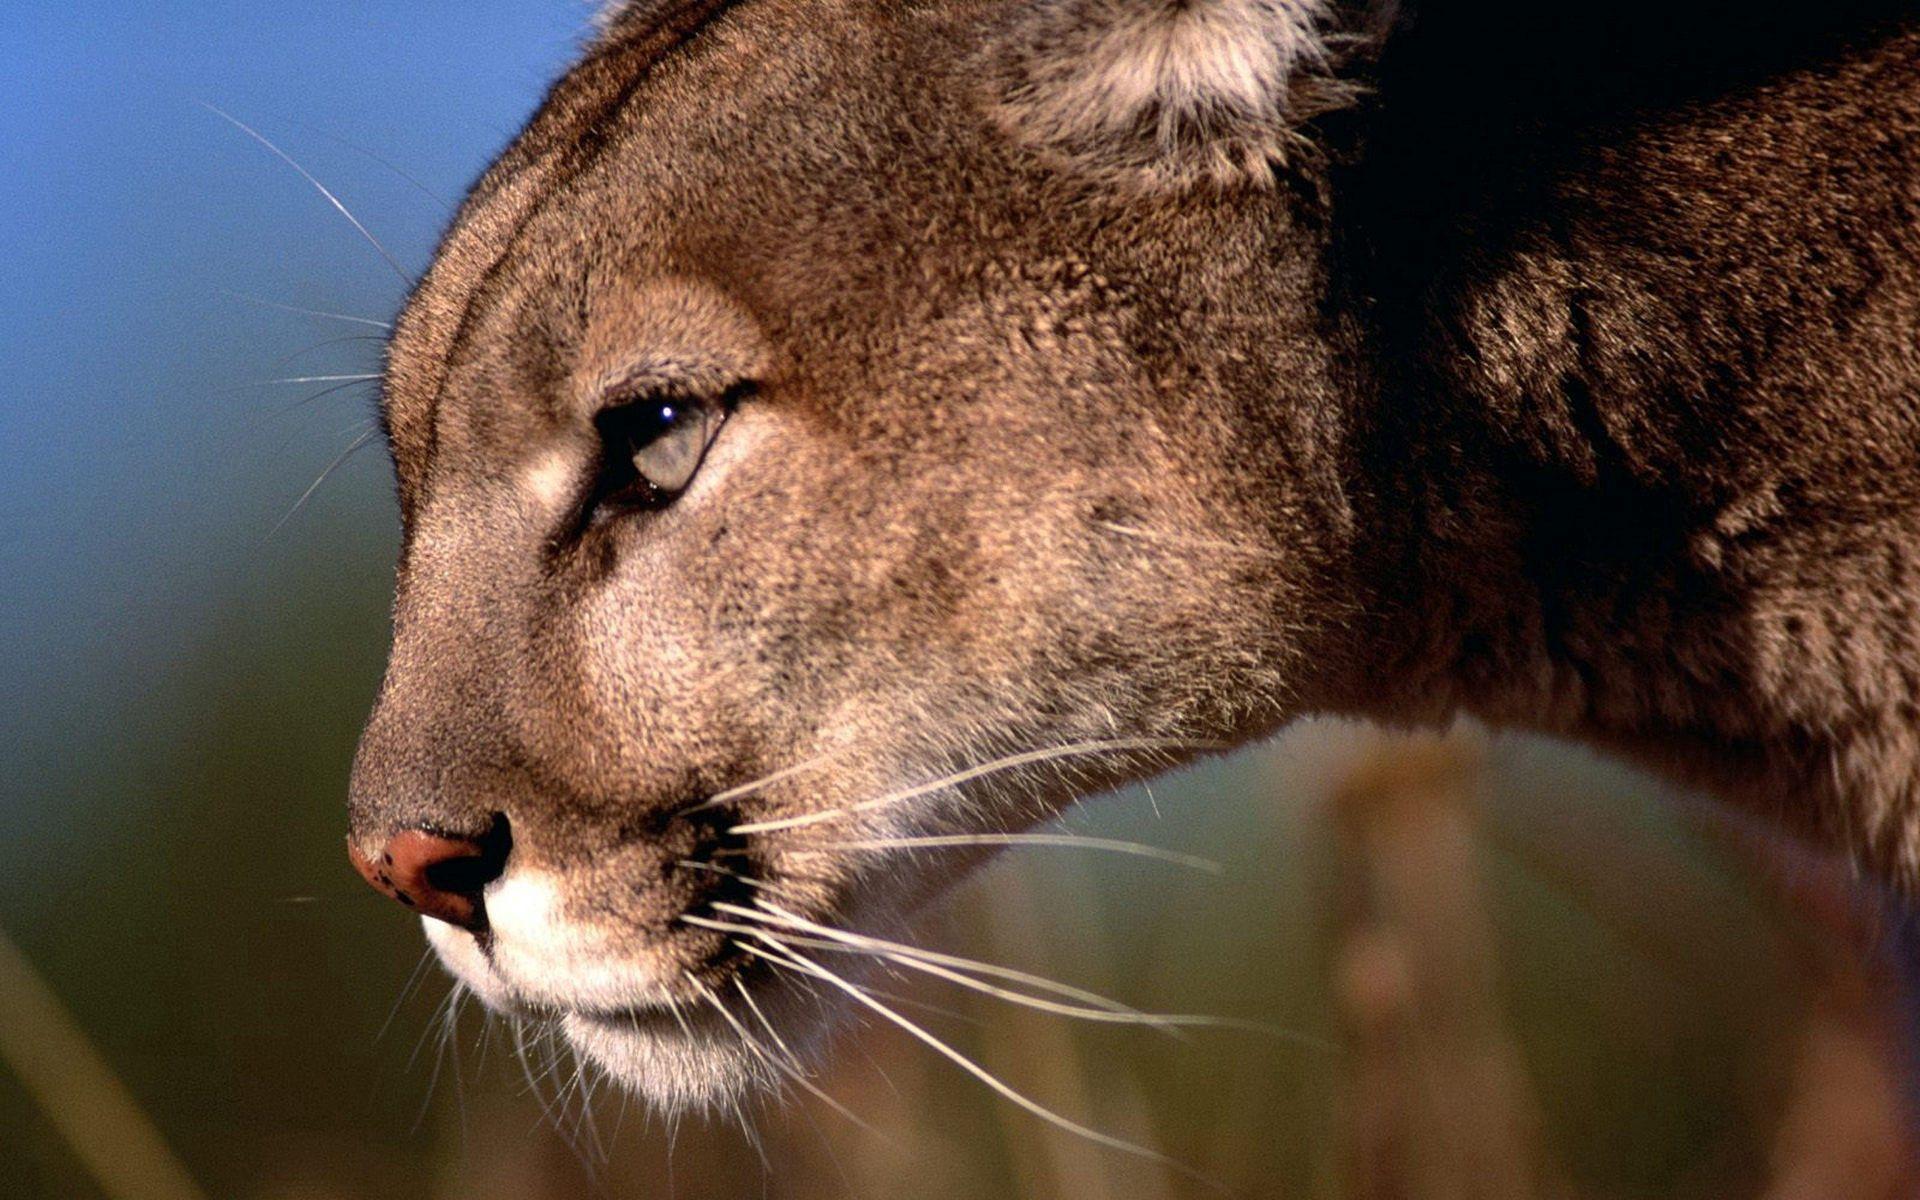 155289 скачать обои Животные, Пумы, Хищник, Морда, Профиль, Большая Кошка - заставки и картинки бесплатно